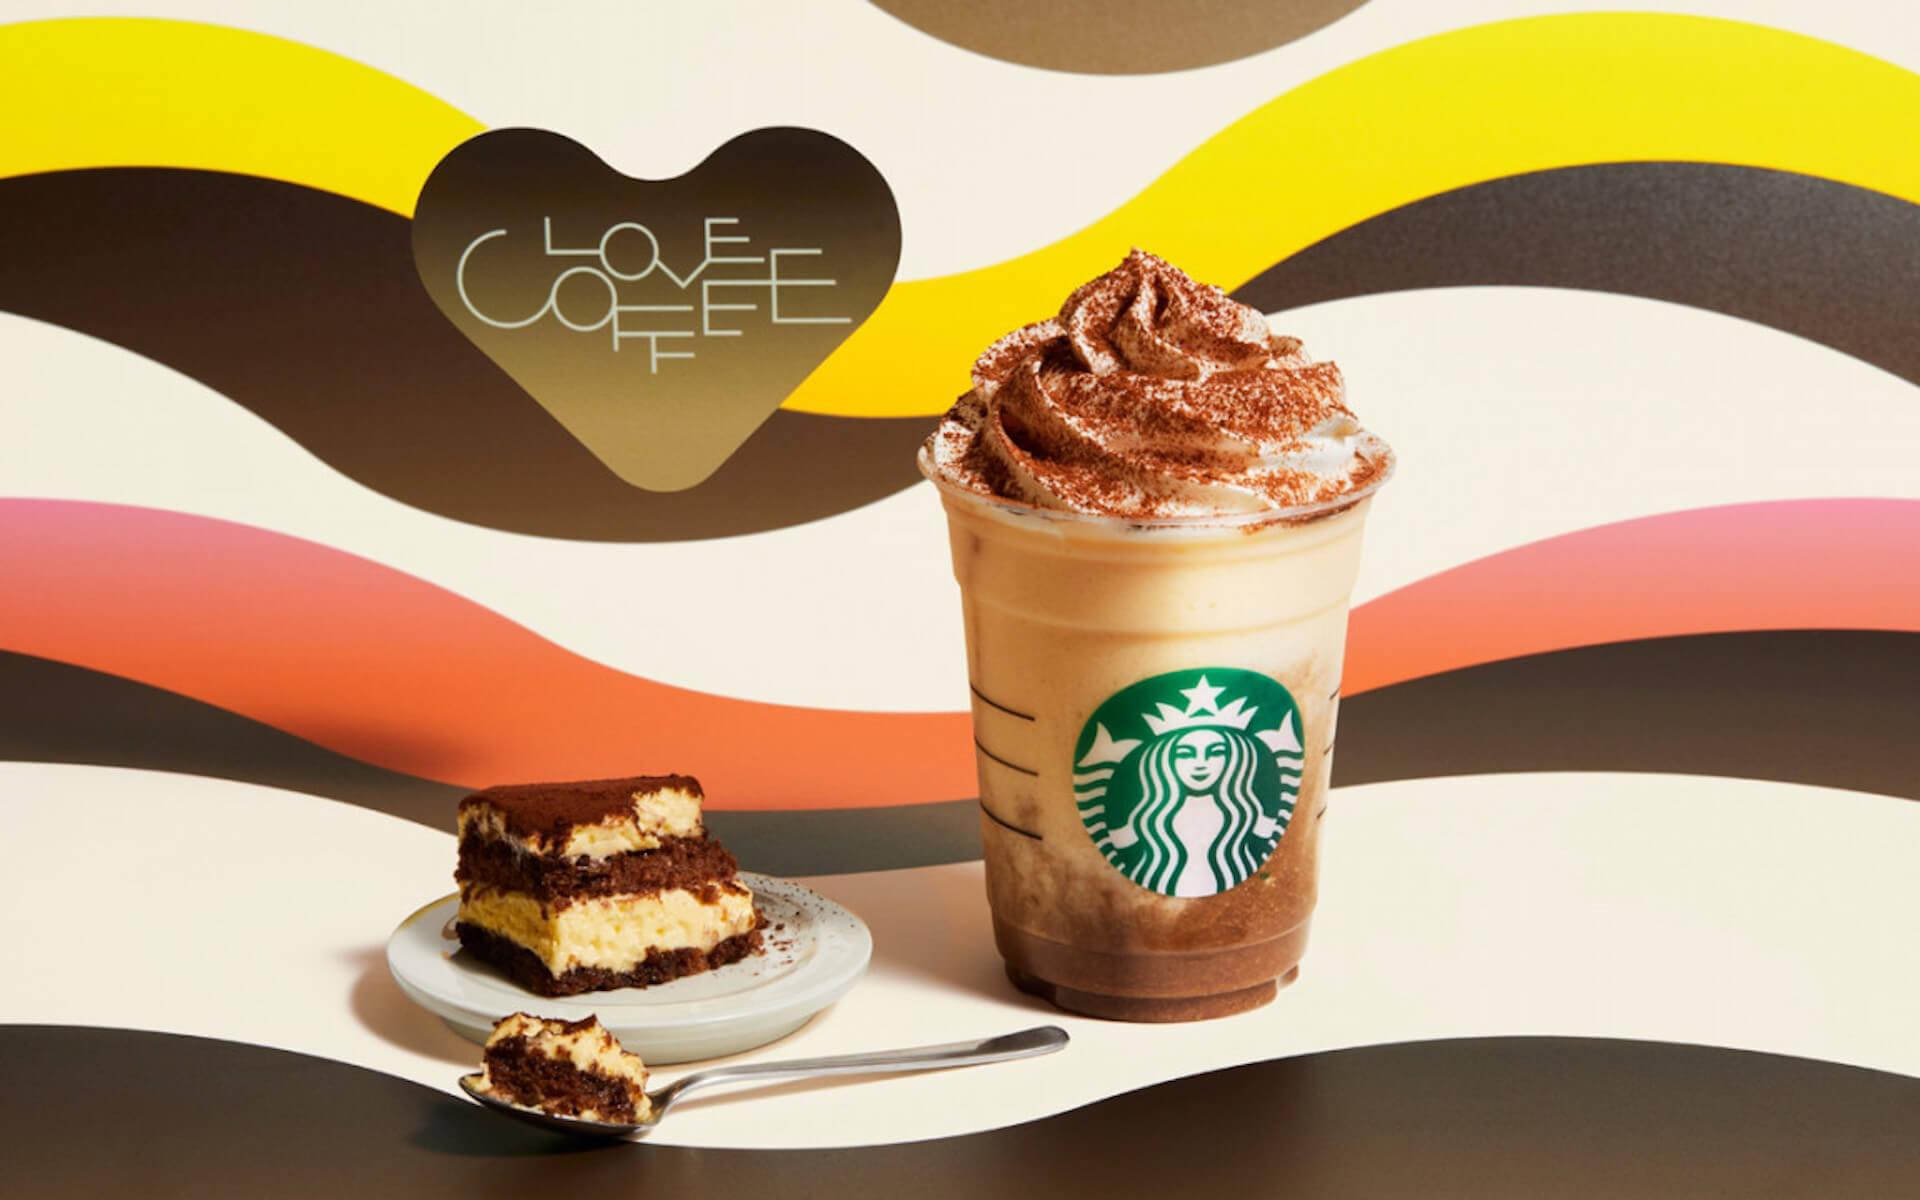 コーヒーがルーツのスタバ新作フラペチーノが本日ついに登場!「コーヒー ティラミス フラペチーノ」「コールドブリュー コーヒー フラペチーノ」など発売 gourmet210414_starbucks_2